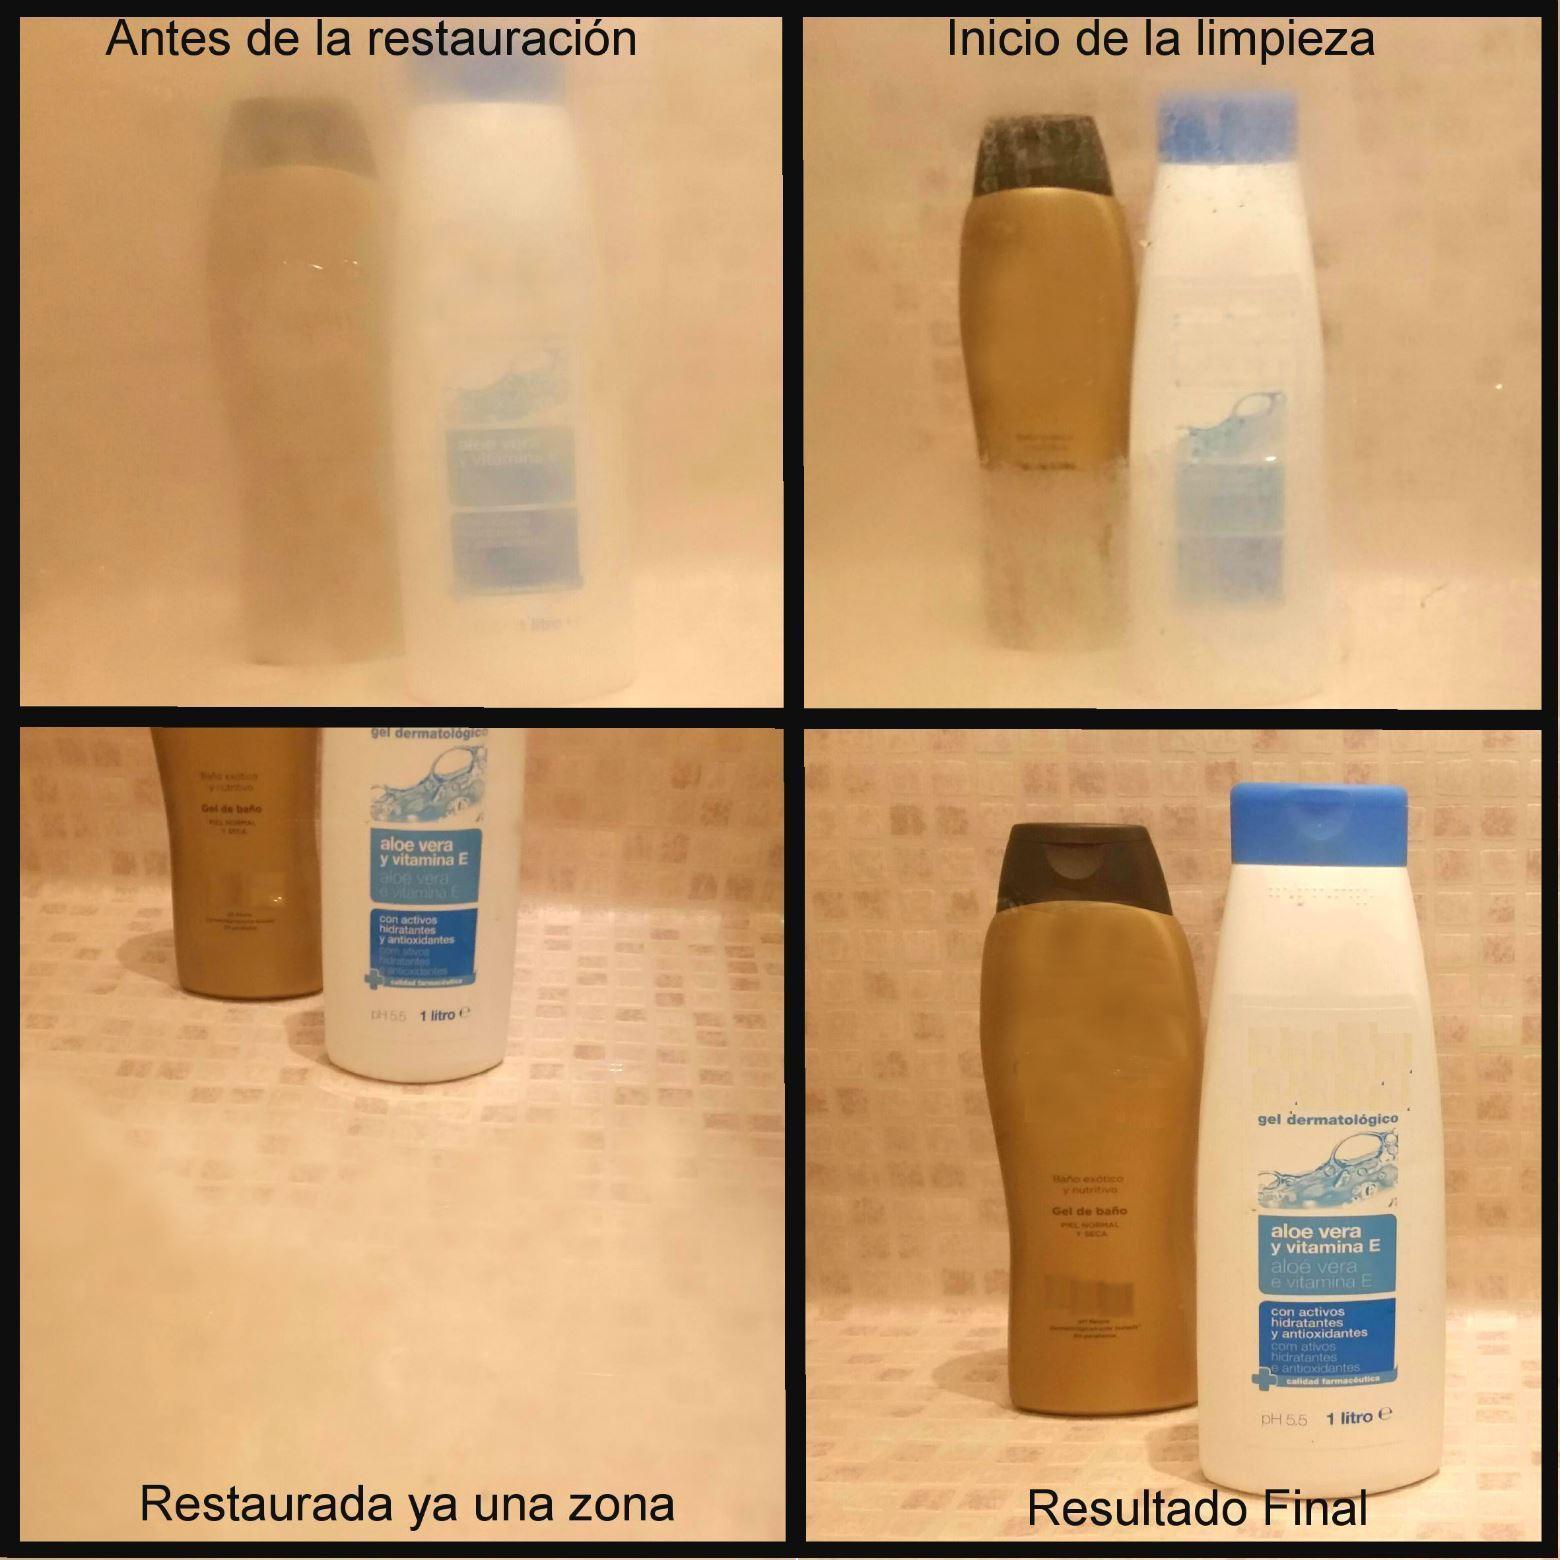 Productos Para Limpiar Mamparas De Ducha.Kit De Productos Para Quitar La Cal De La Mampara De Ducha Y Aplicarle Proteccion Antical